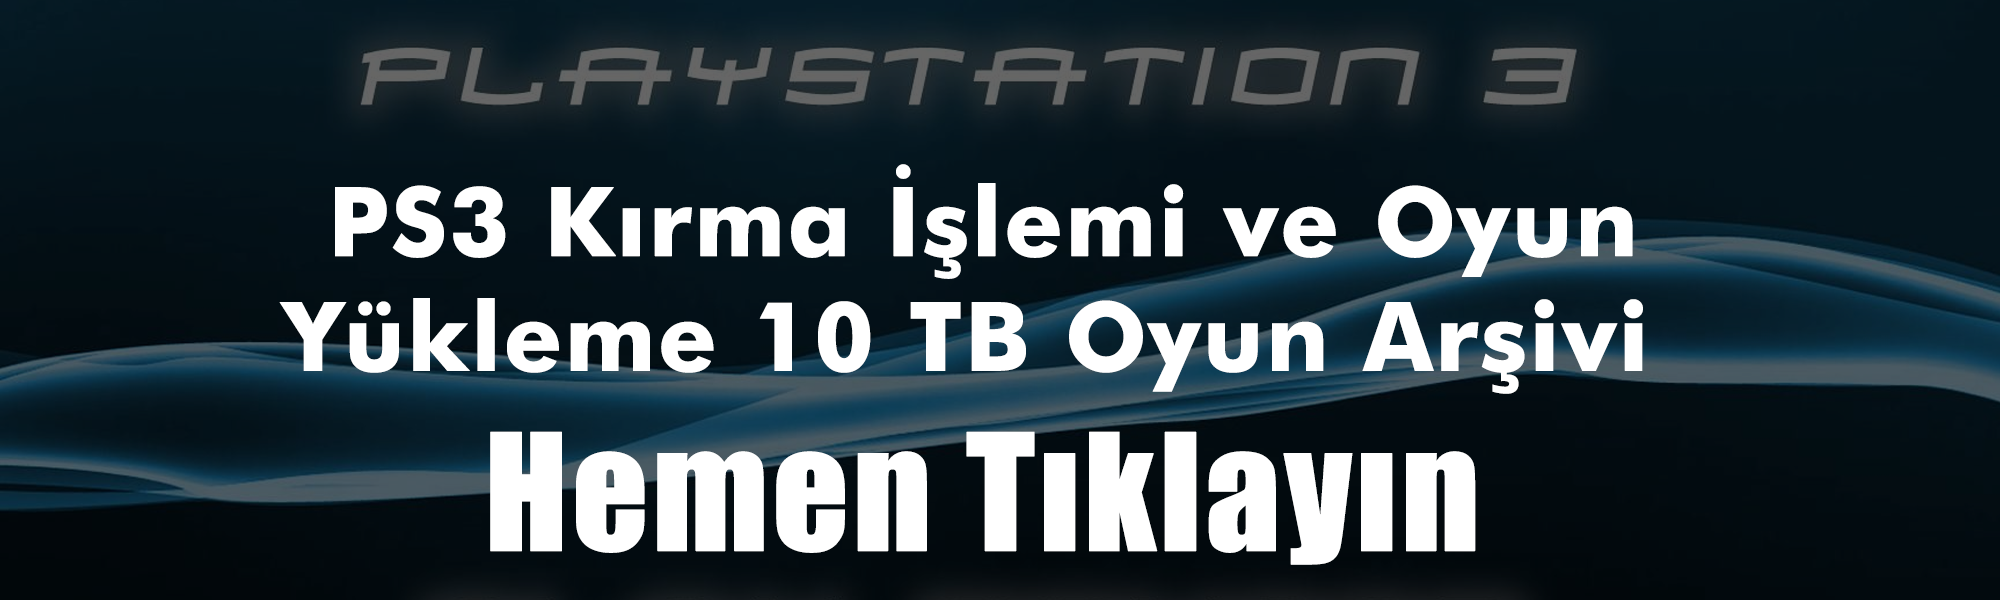 MCPSP COM PLAYSTATION KIRMA HACK OYUN VE BİLGİ PAYLAŞIM PLATFORMU